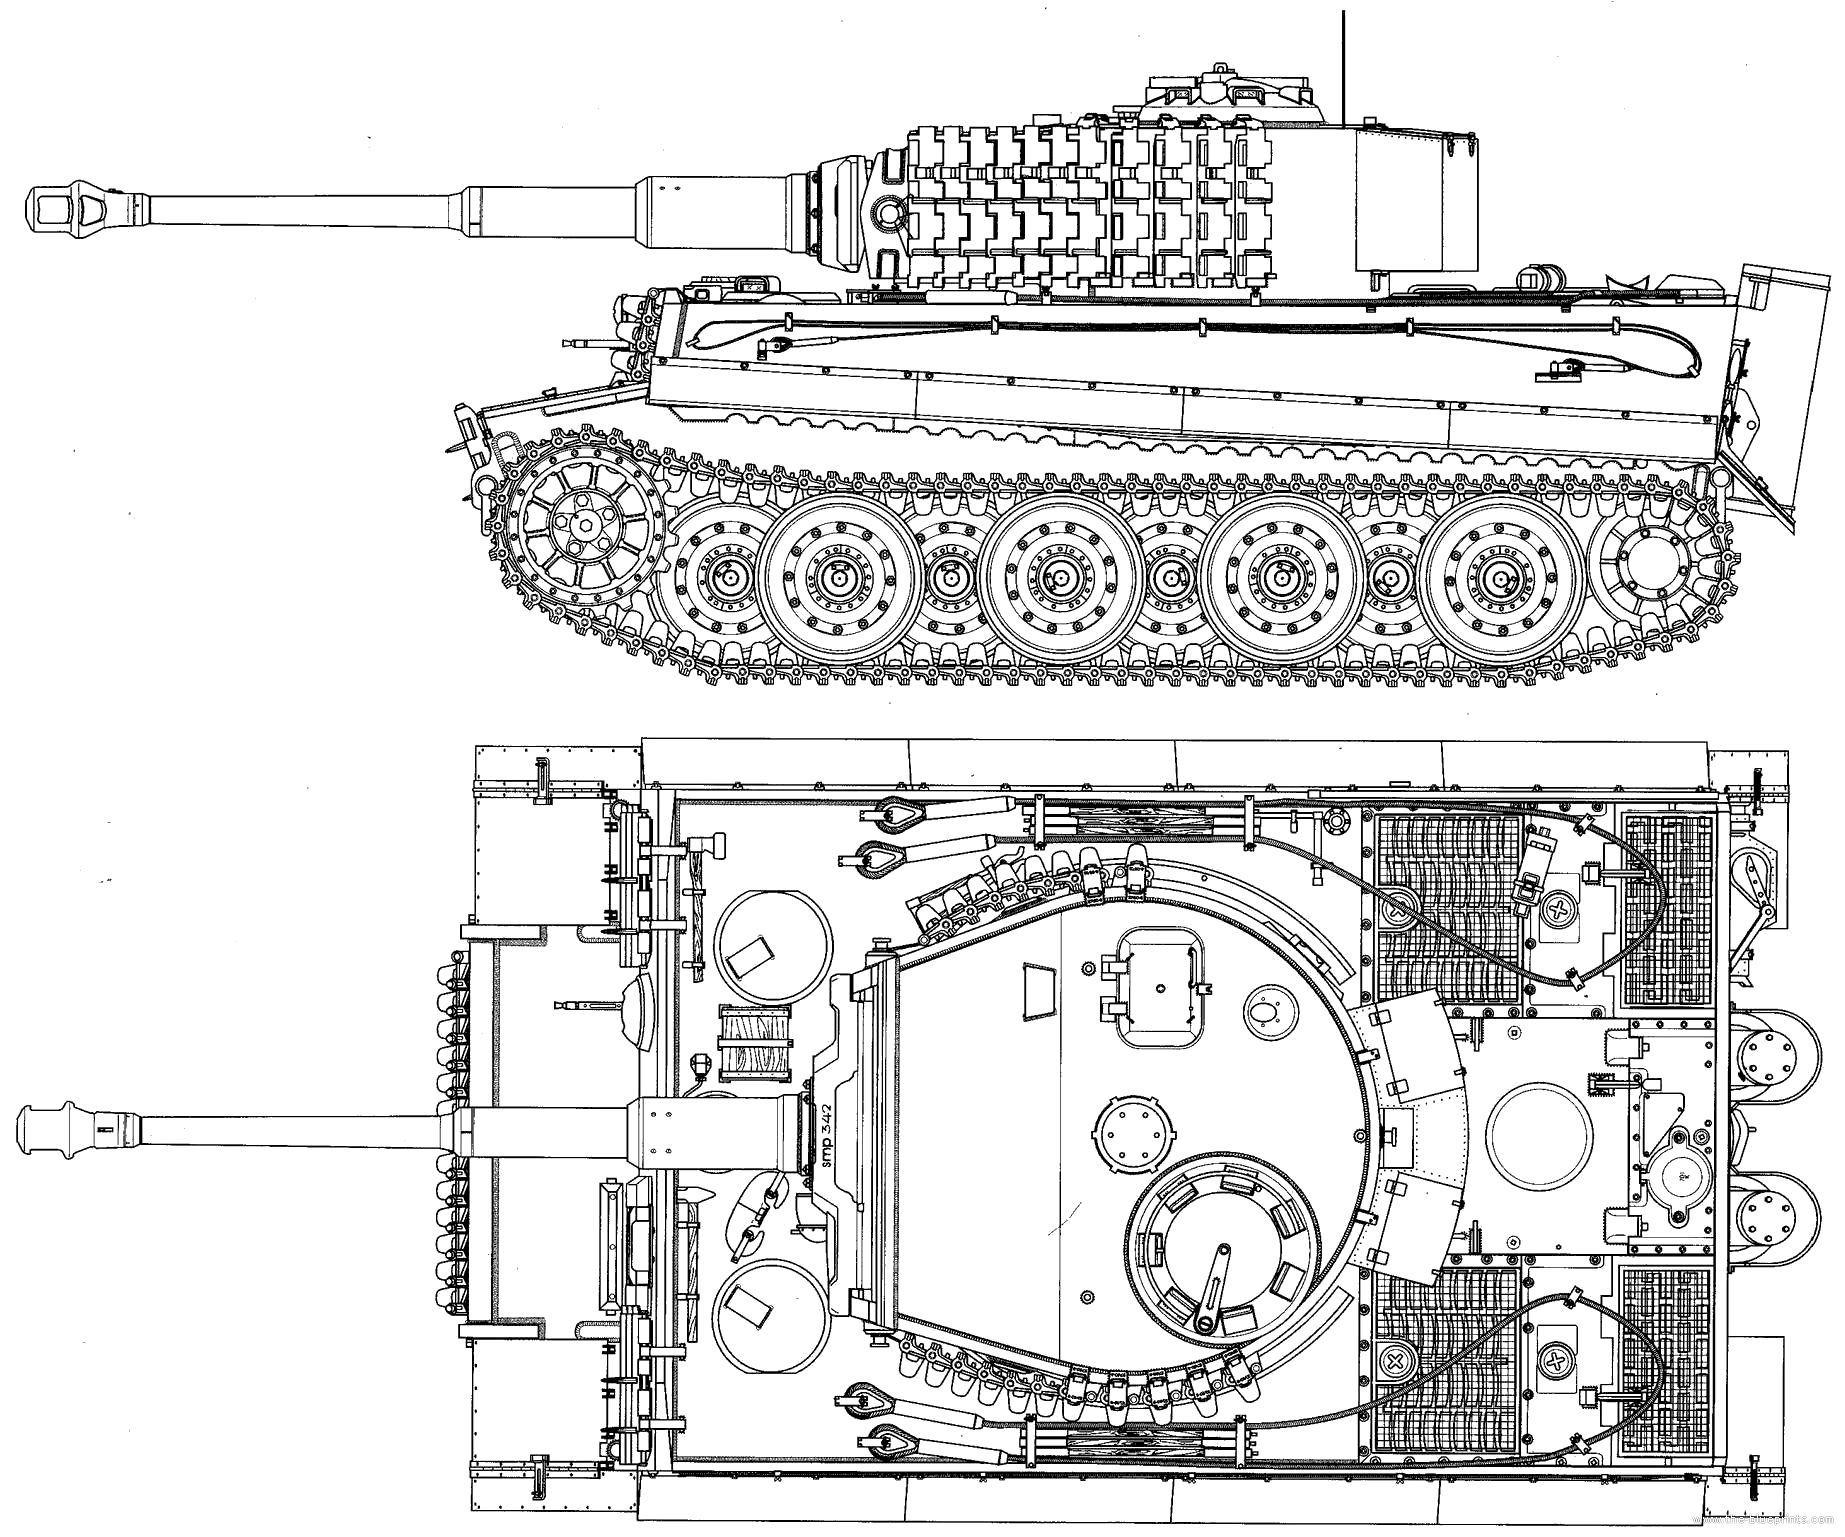 tiger ii diagram